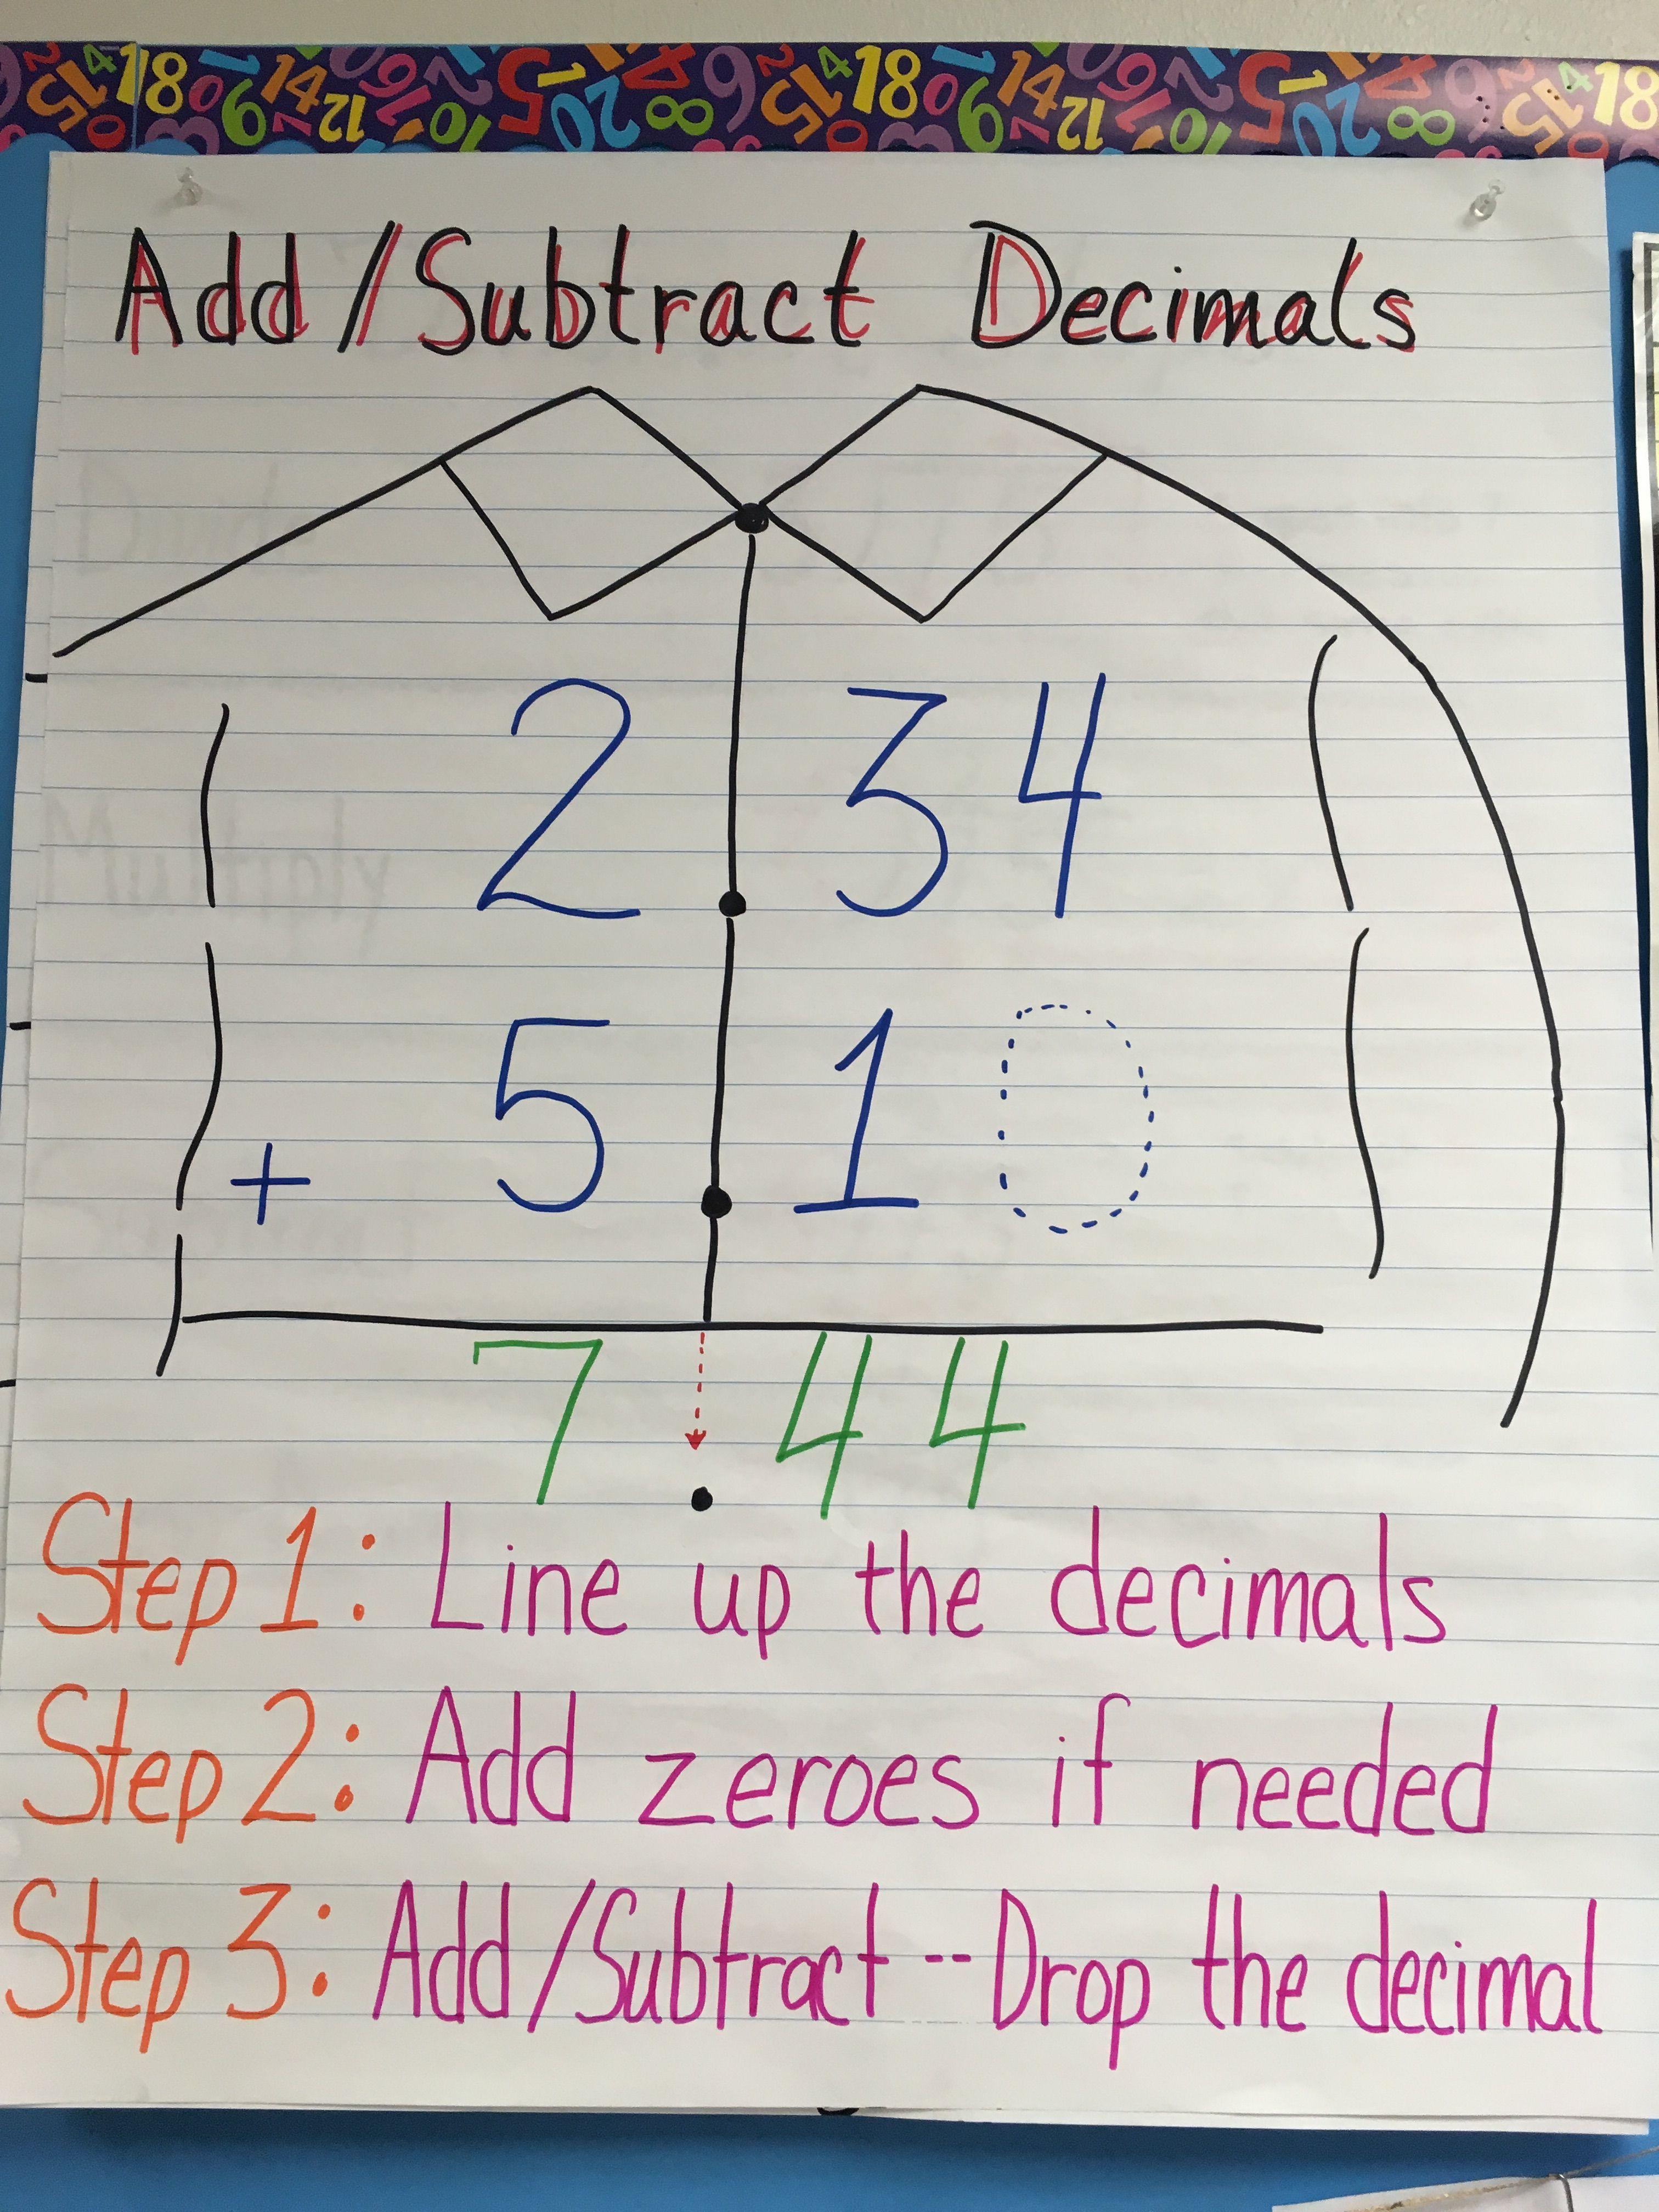 Add Decimals Subtracting Decimals Add Decimals Decimals Anchor Chart Adding and subtracting decimals